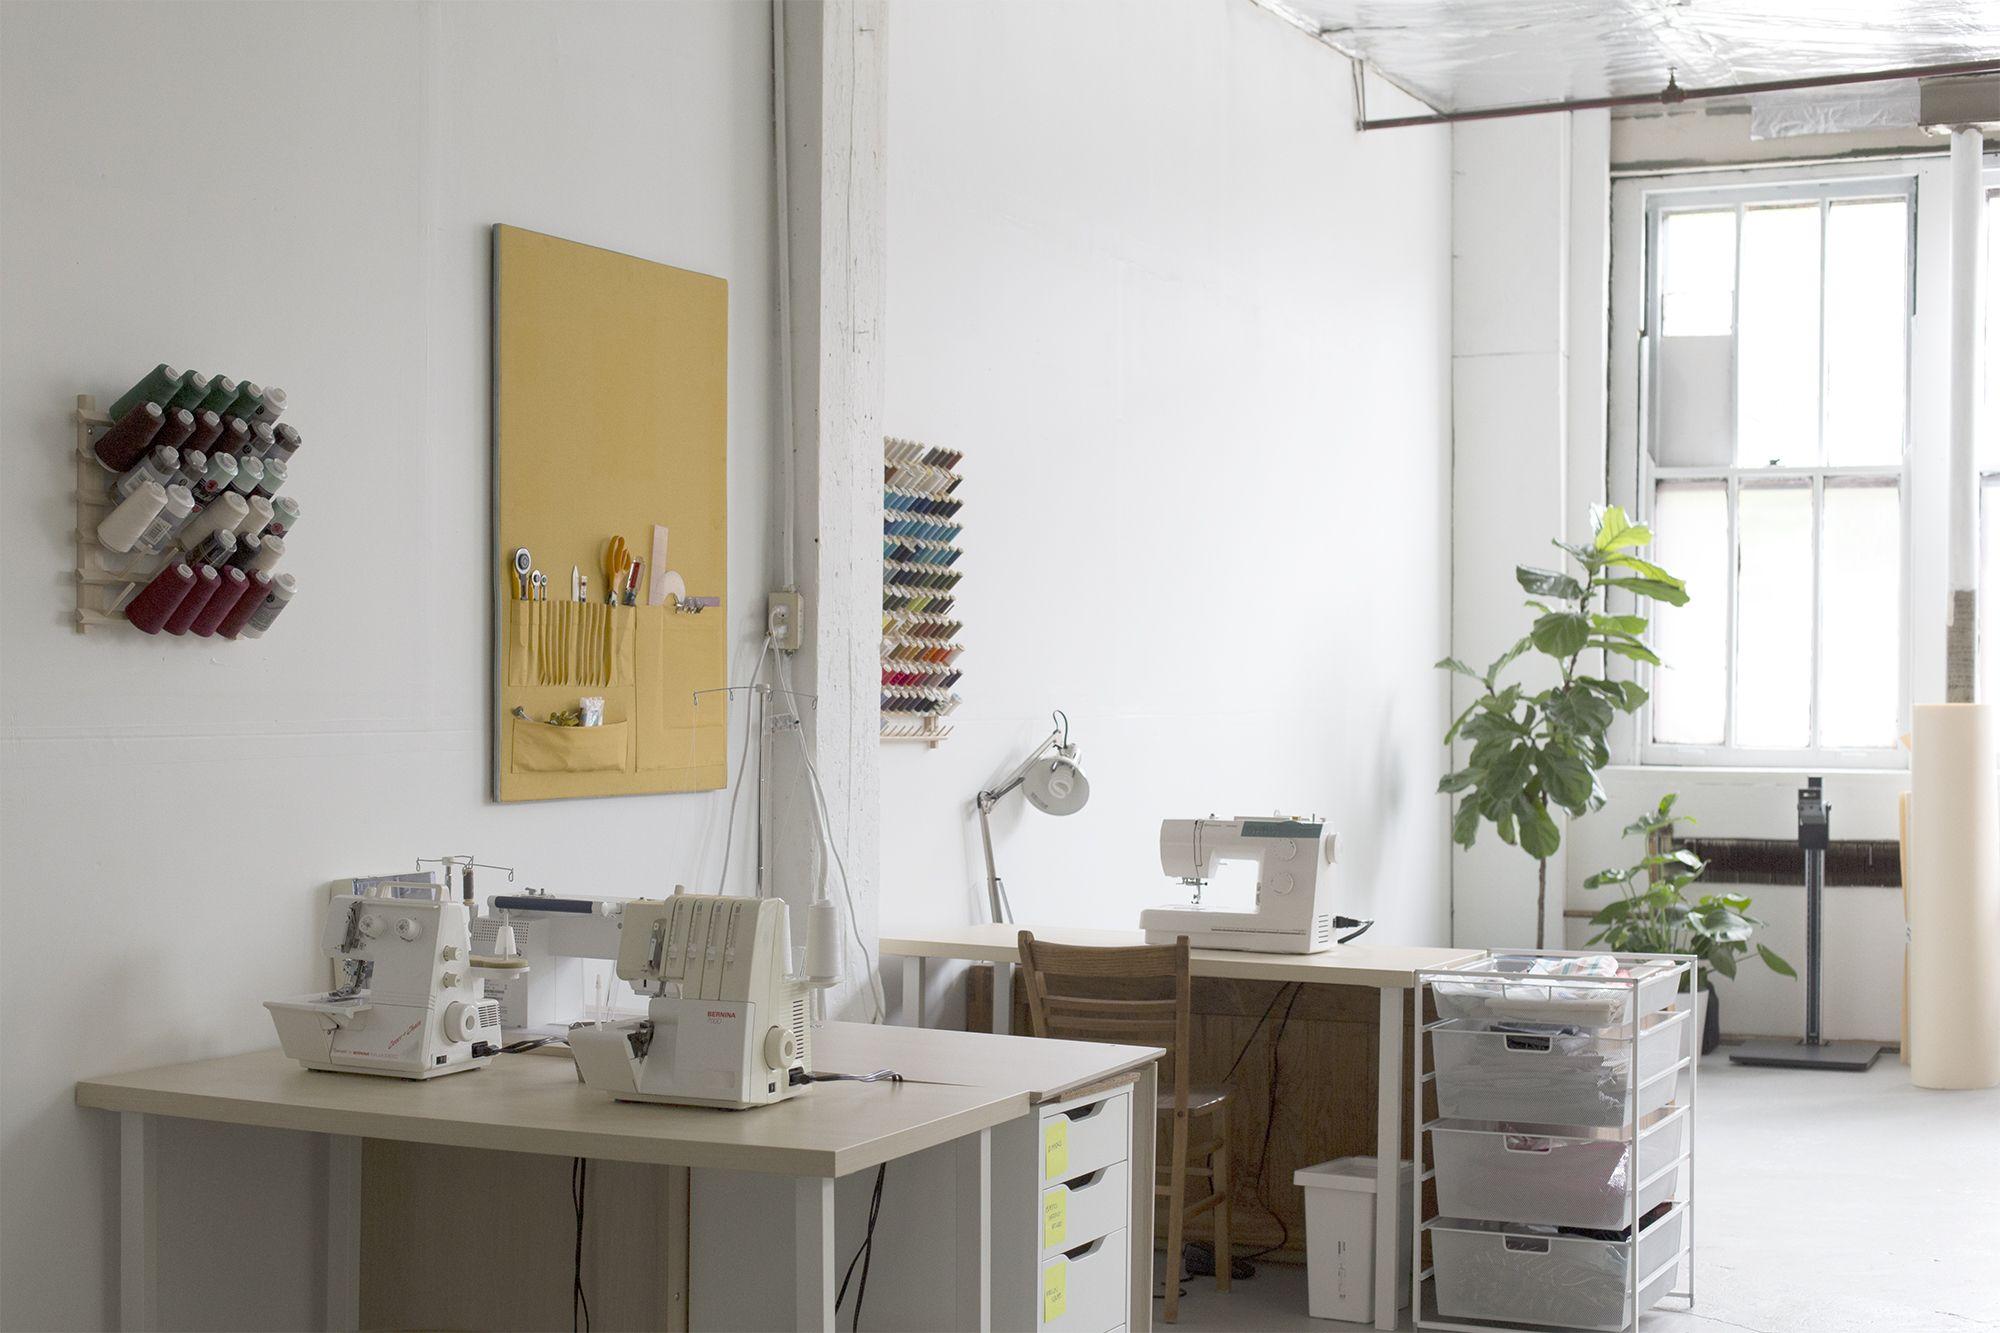 New Studio Workspace | Grainline Studio